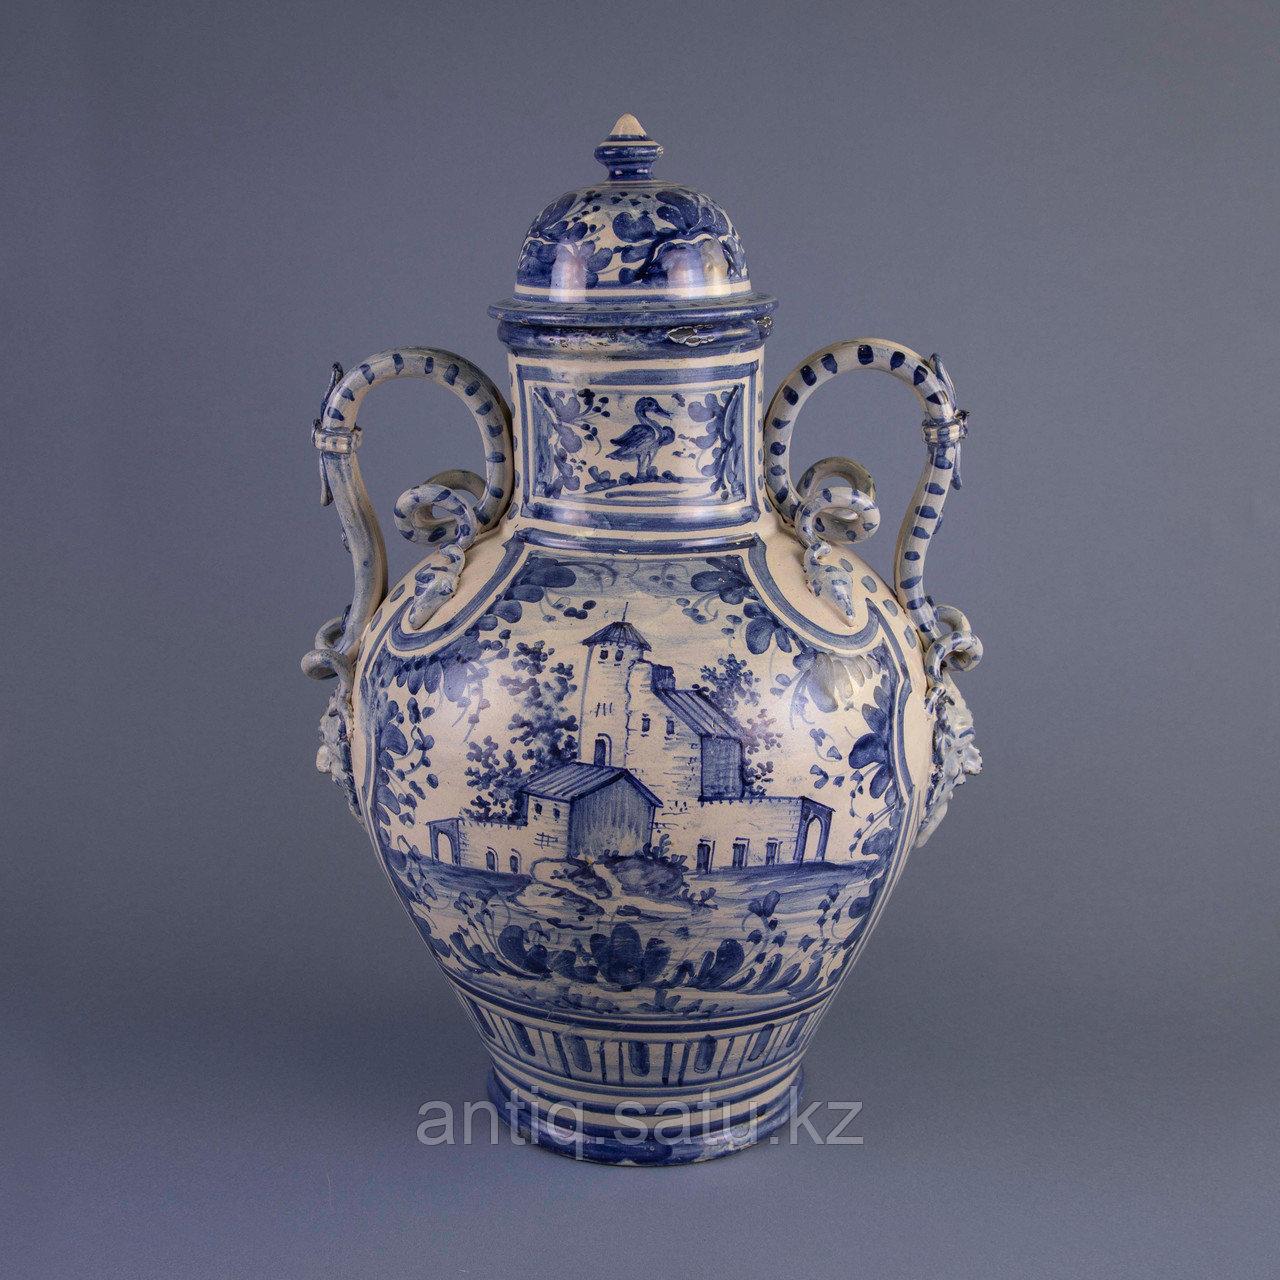 Парадная ваза. Королевская мануфактура в Дельфте - фото 1